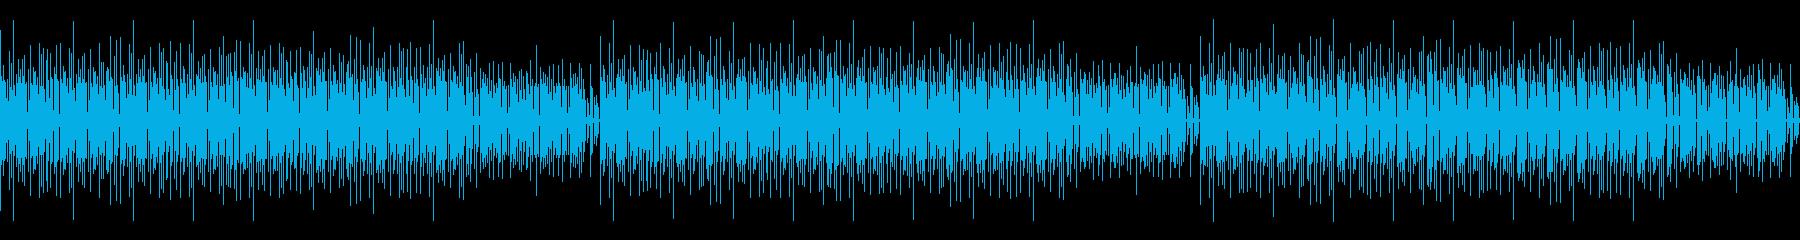 ポップで爽やかな木琴BGMの再生済みの波形